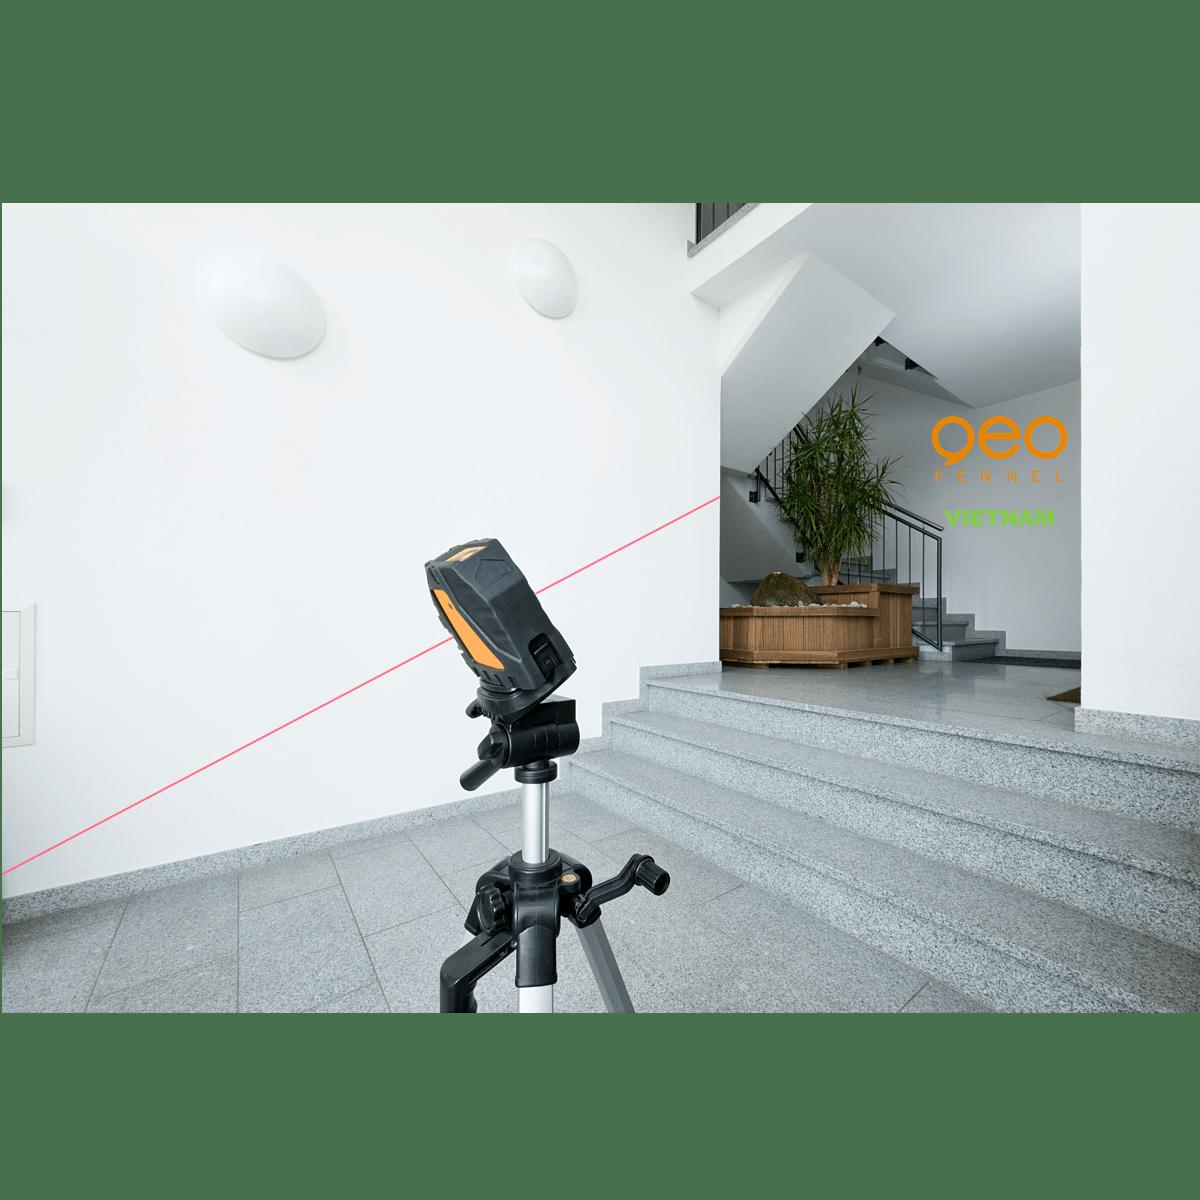 Máy thuỷ bình laser FL40-Powercross SP | Công trường 1